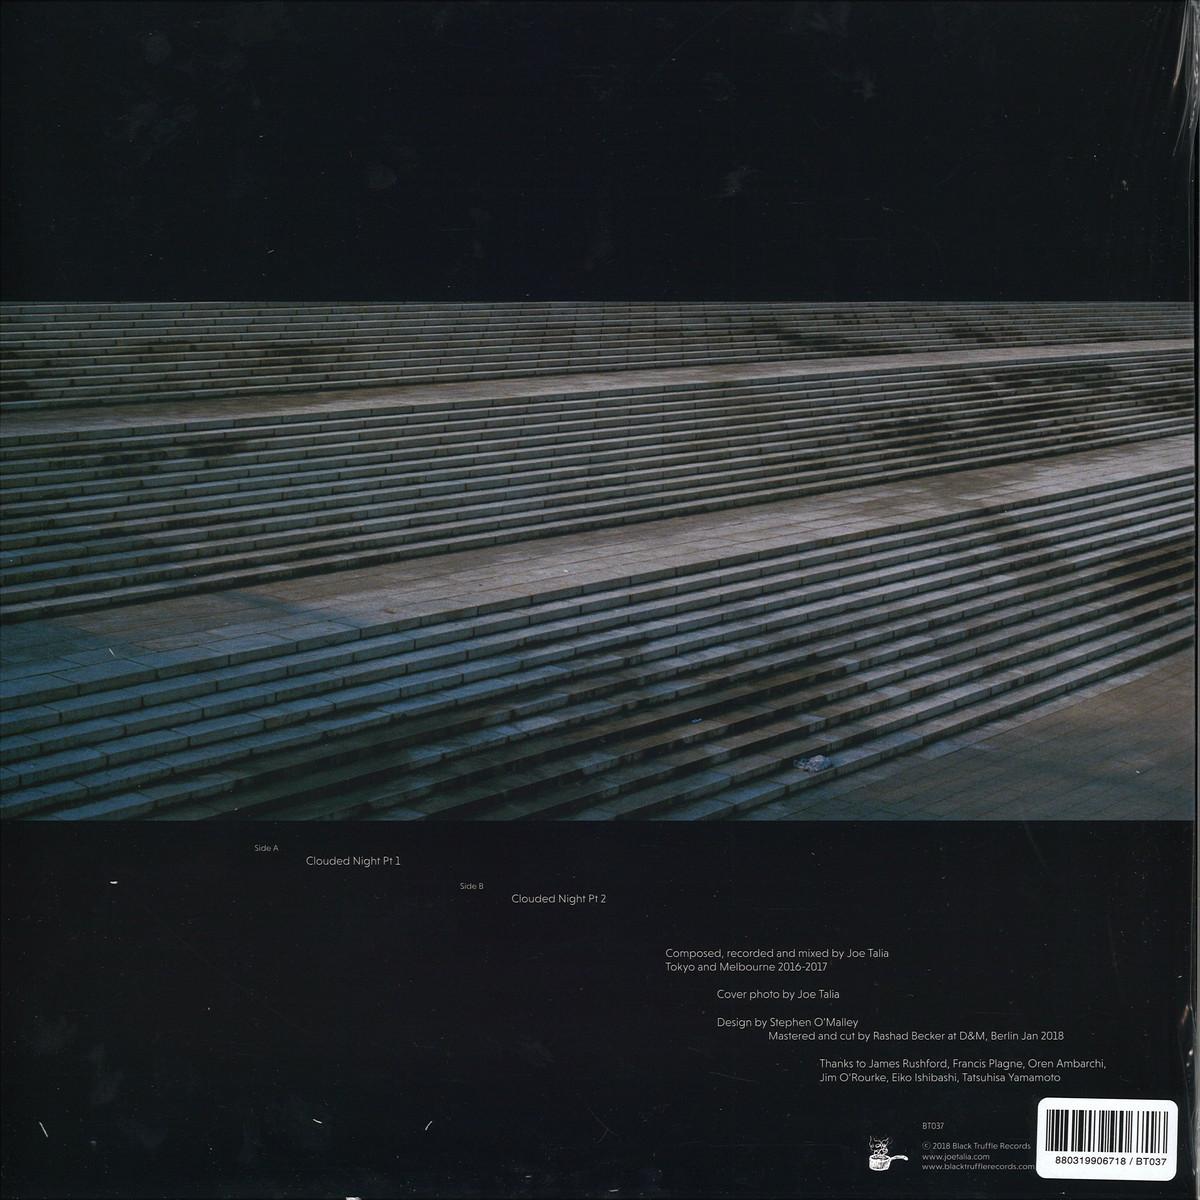 deejay de - BLACK TRUFFLE